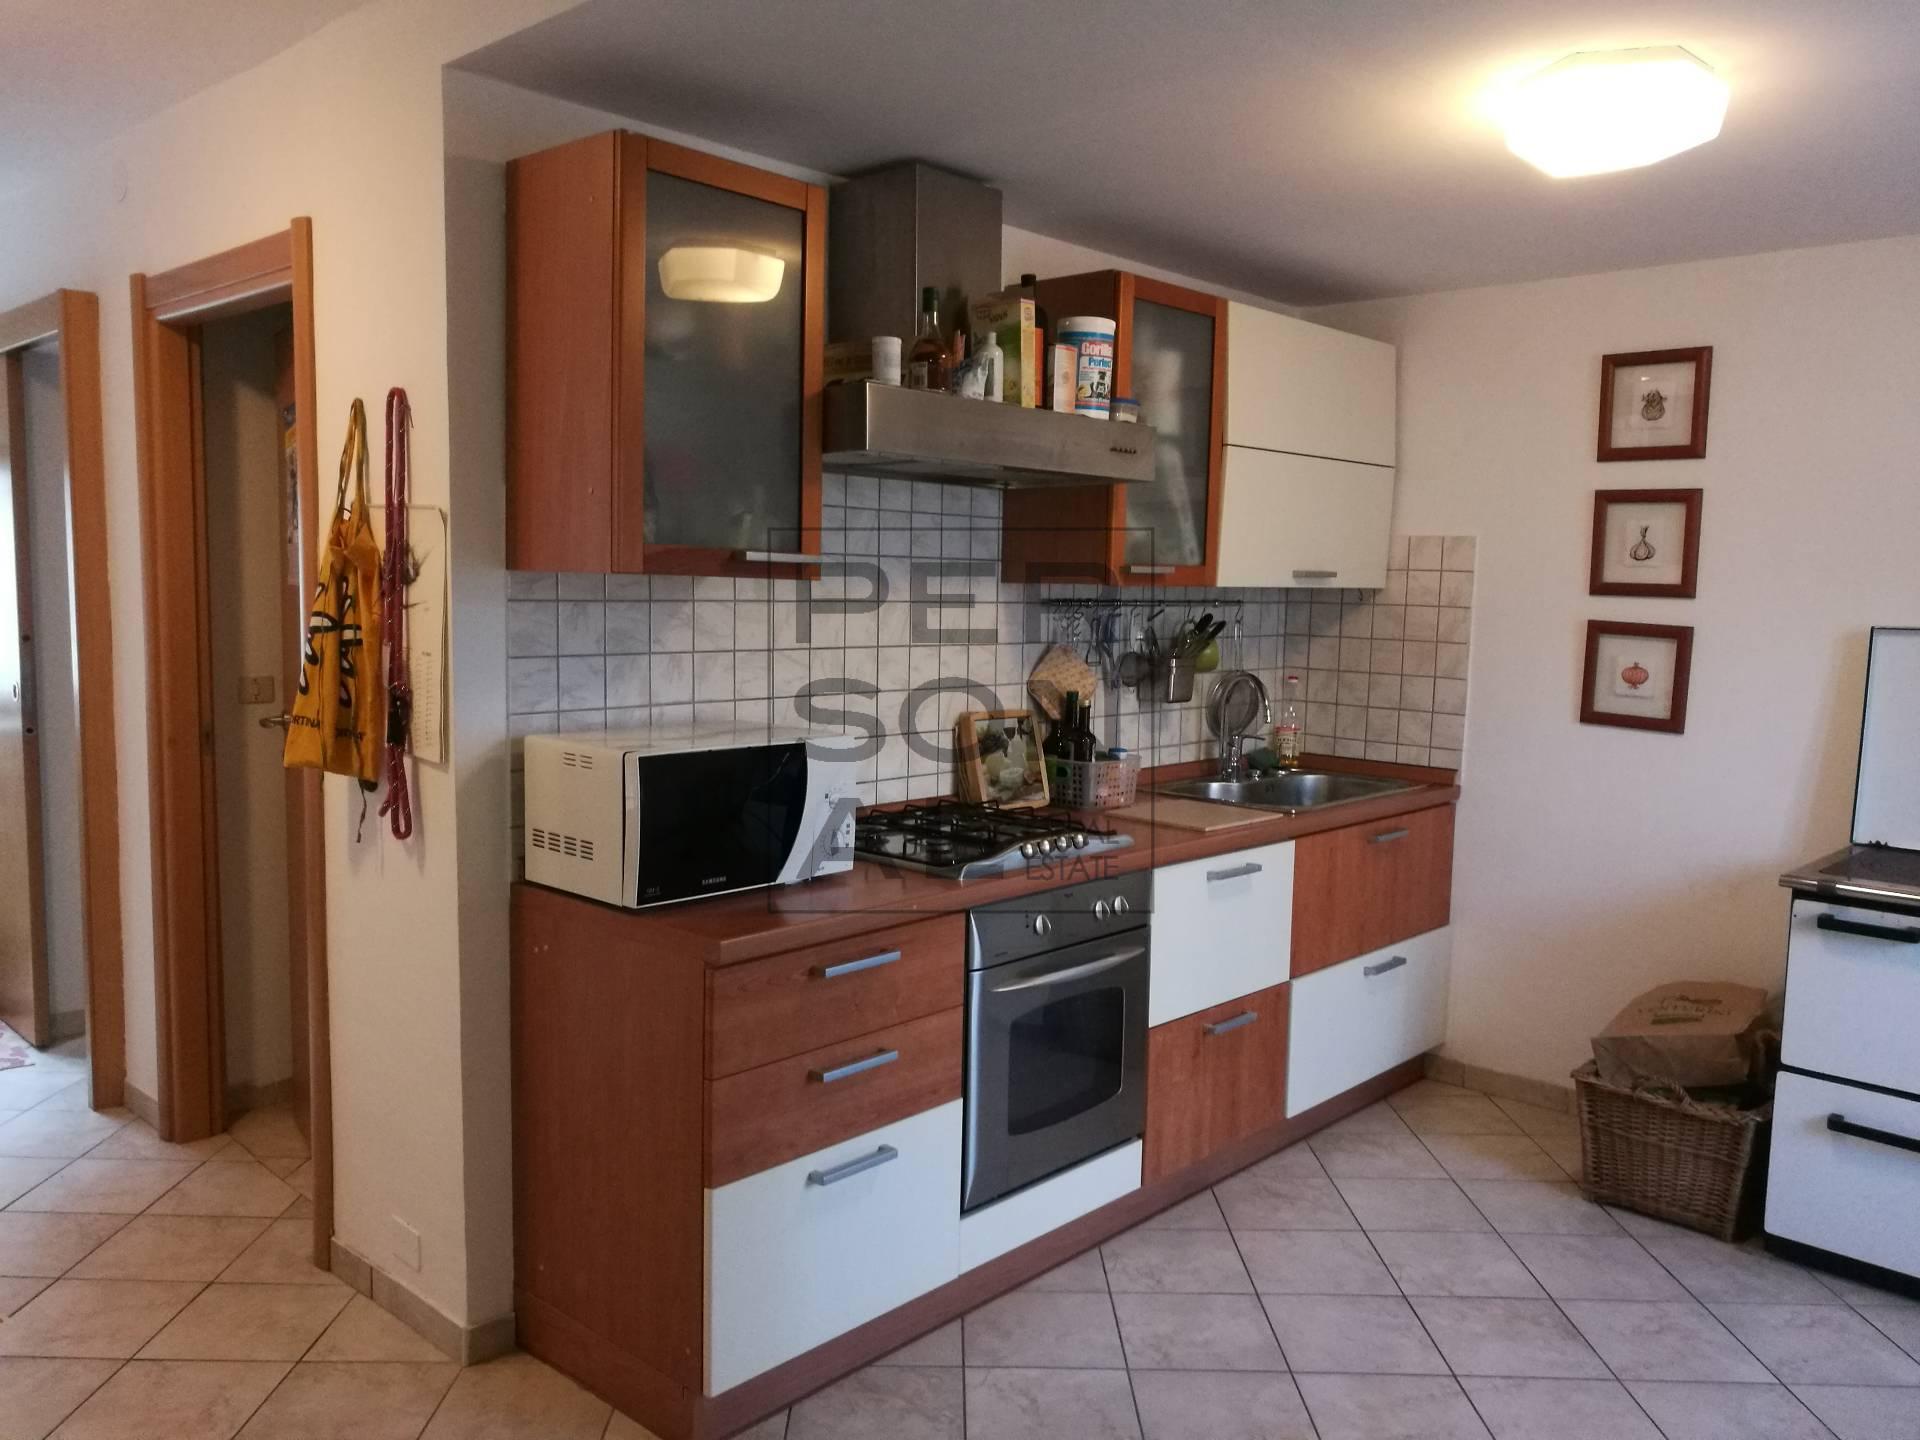 Altro in vendita a Besenello, 6 locali, prezzo € 85.000 | CambioCasa.it